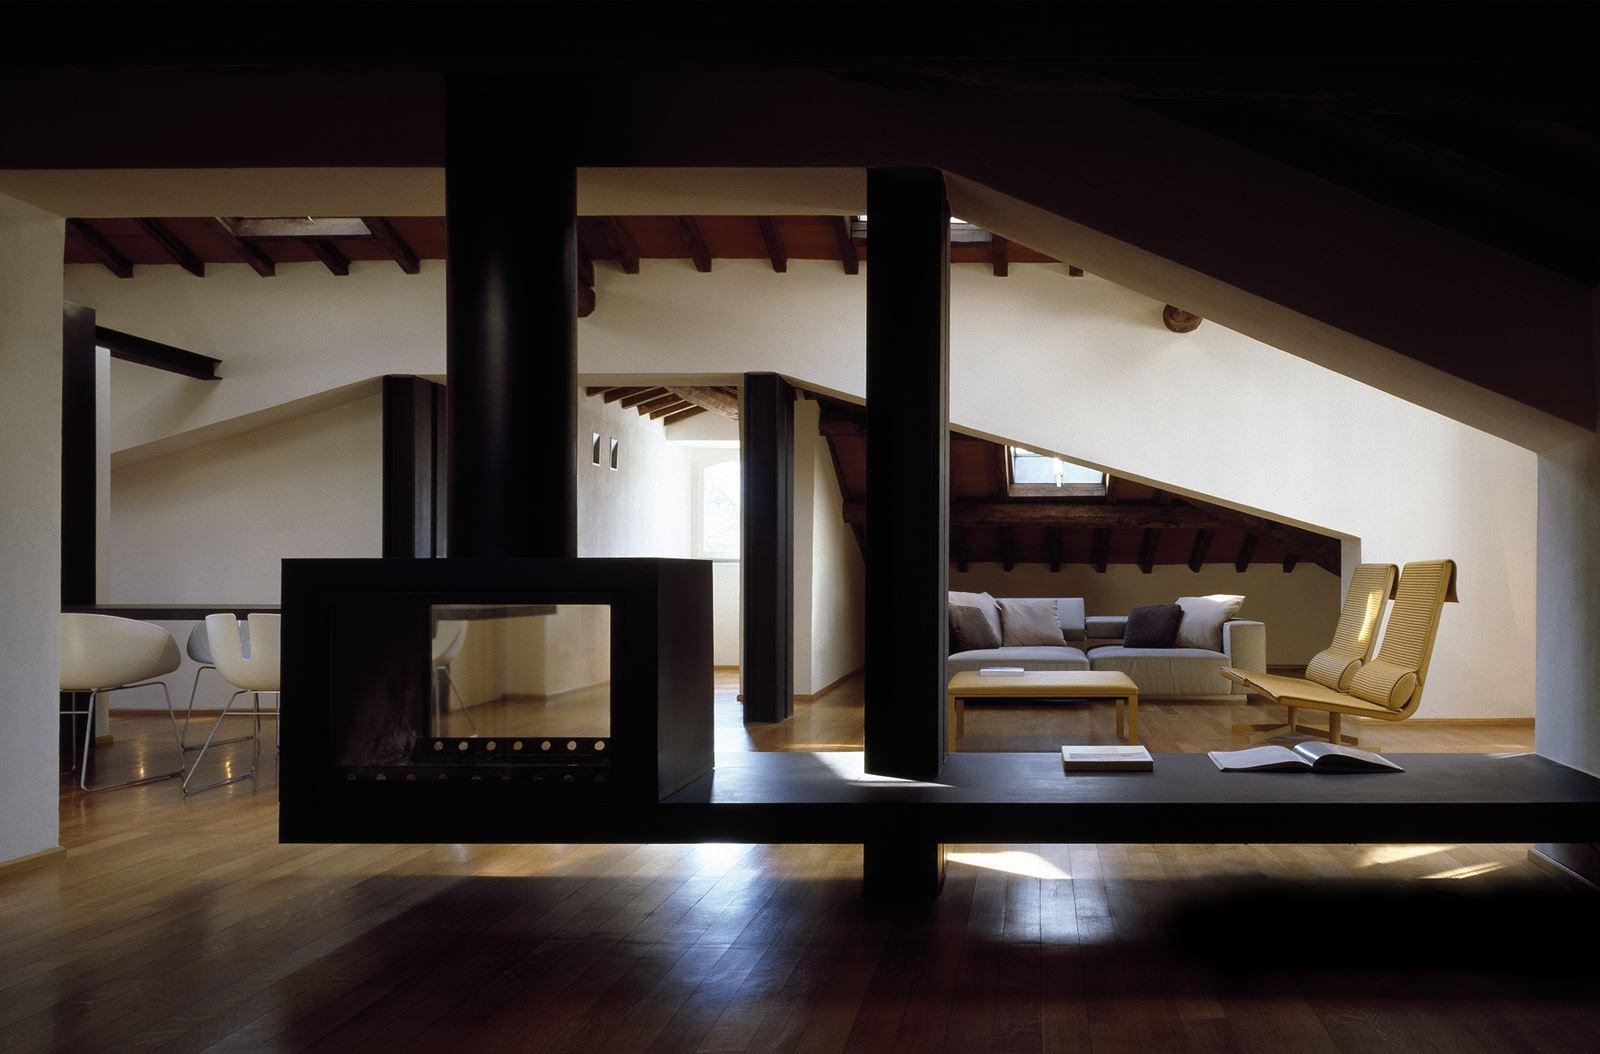 Un attico elegante con il soffitto in legno - Cucina e salotto open space ...